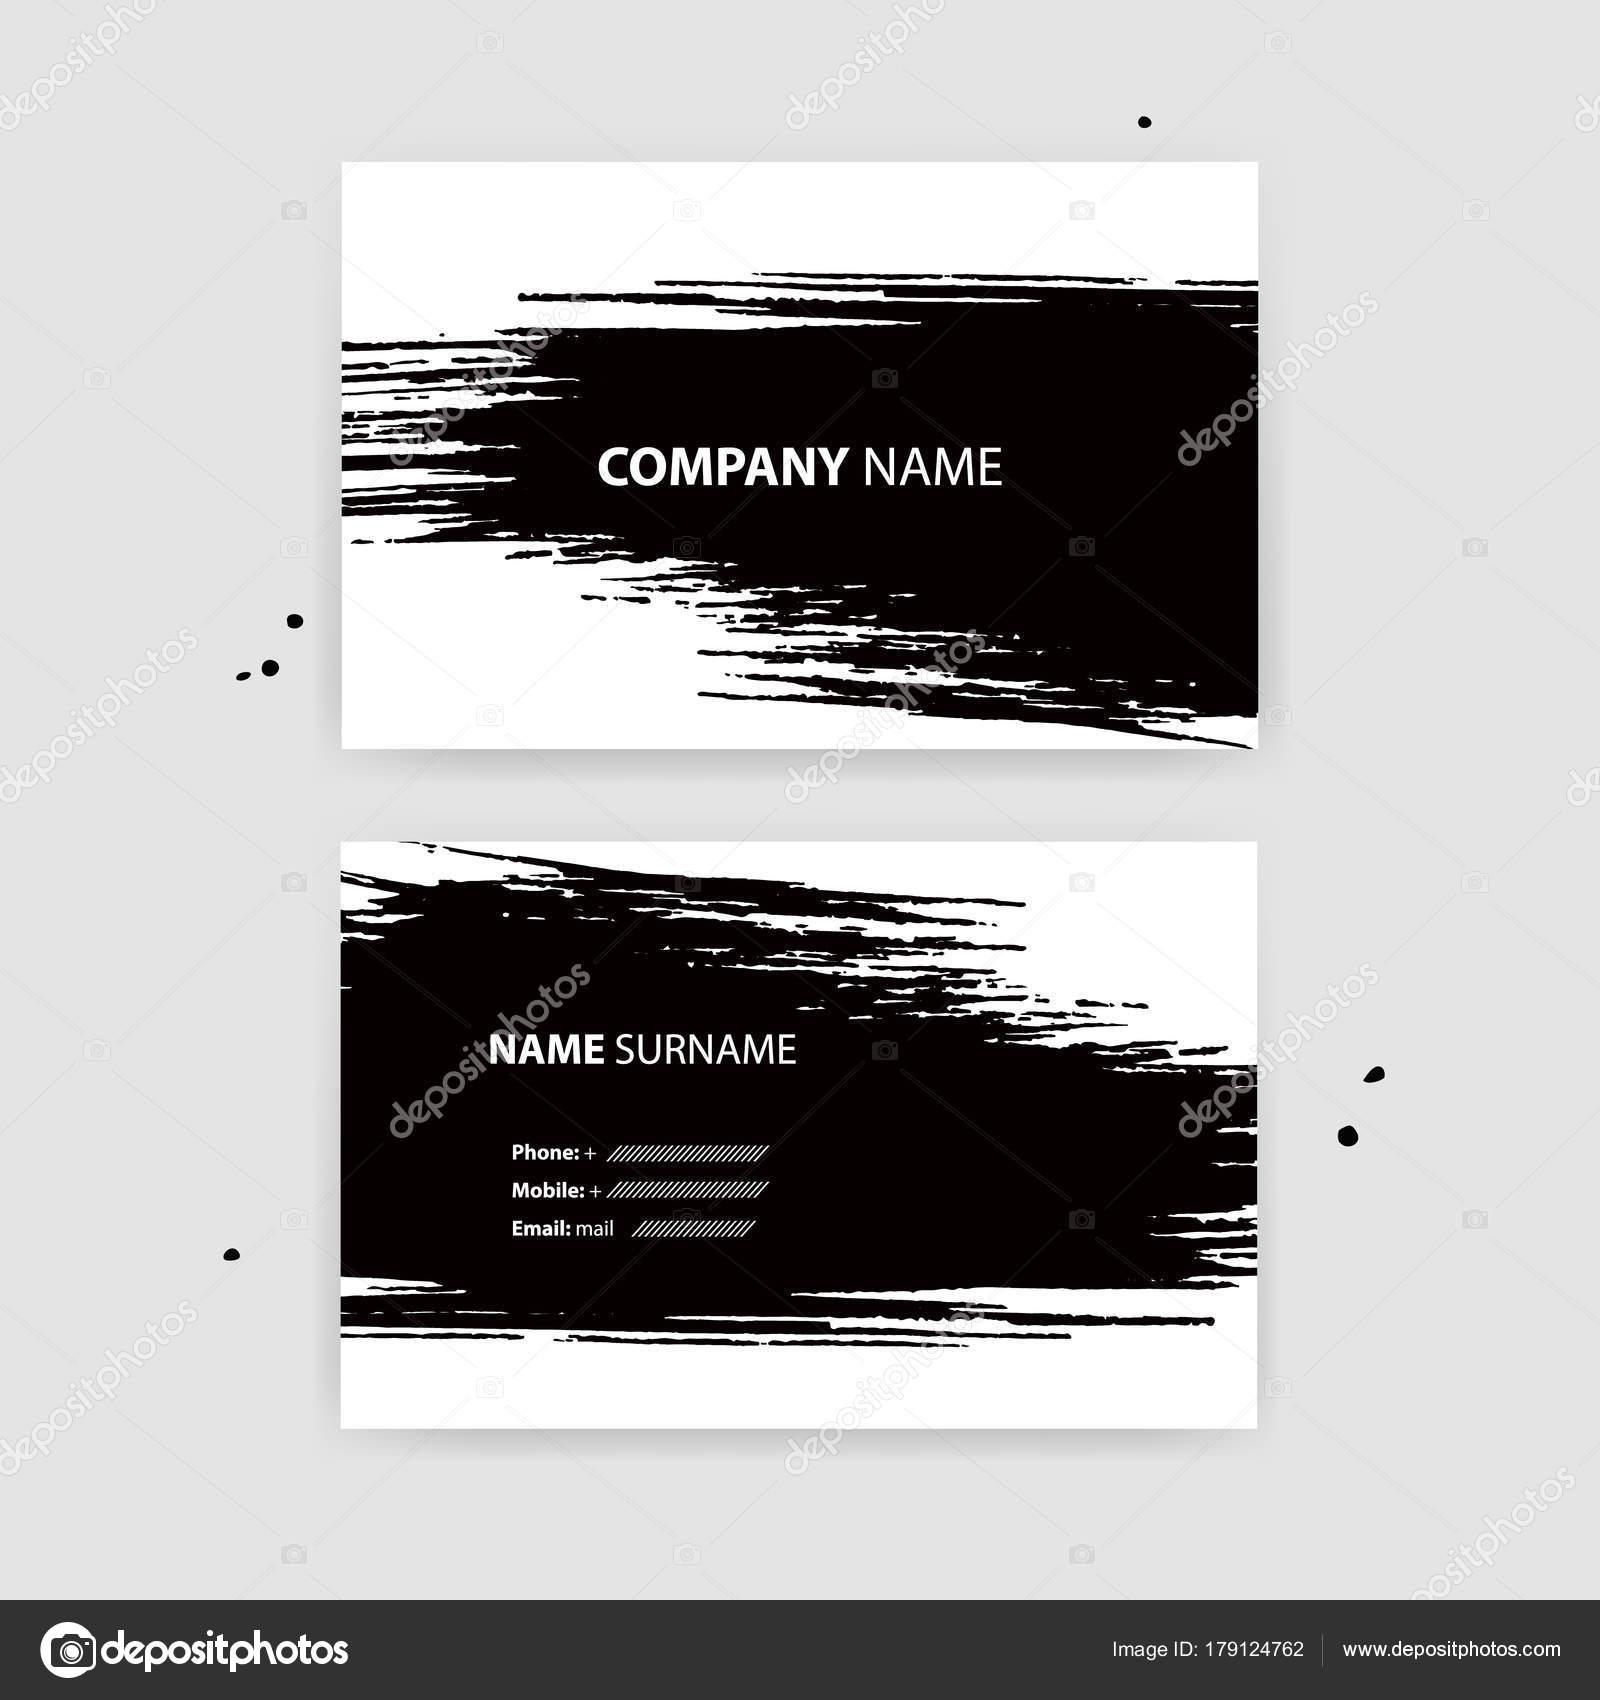 Banniere Horizontale Avec Des Traits Dencre Noir Illustration Vectorielle Vecteur Par